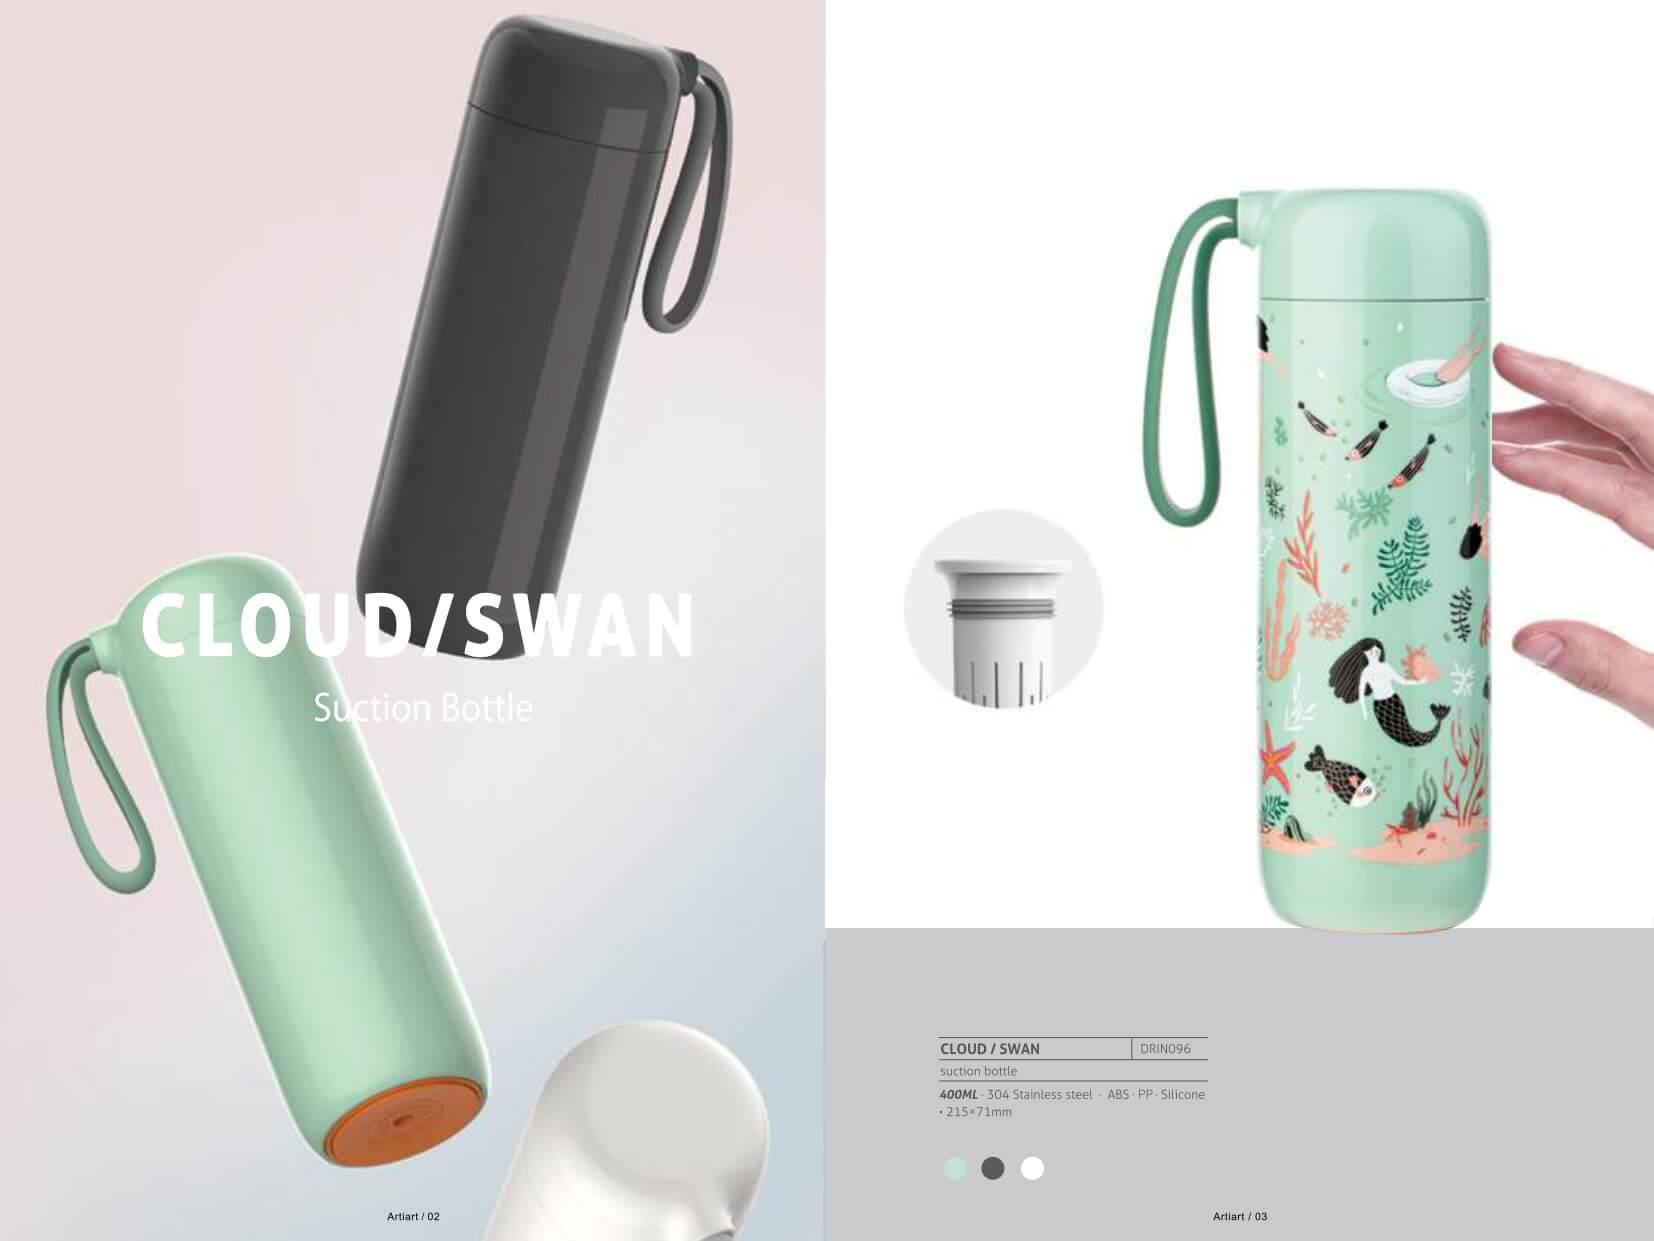 Cloud Swan Suction Bottle Artiart